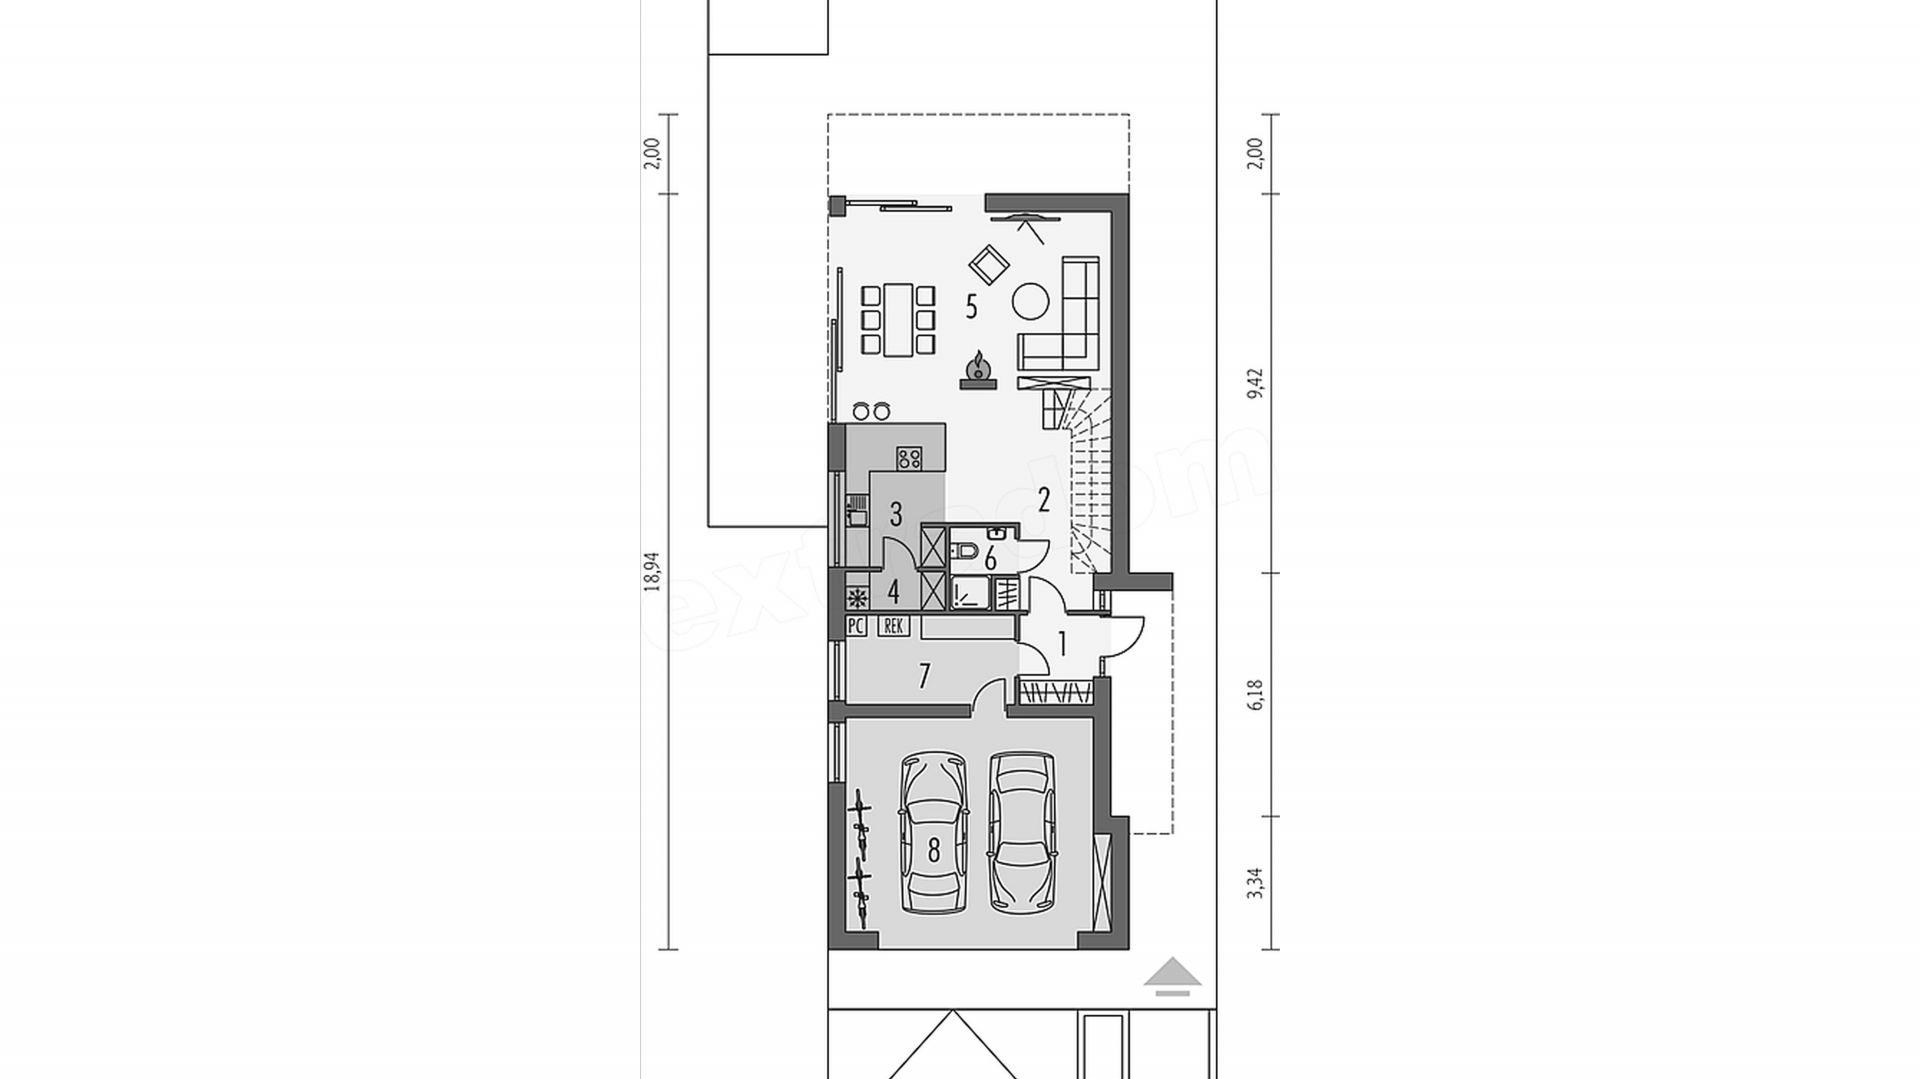 Rzut parteru. Parter: 111,81 m² 1 wiatrołap 4,06 m² 2 hall + schody 12,66 m² 3 kuchnia 13,42 m² 4 spiżarnia 2,31 m² 5 pokój dzienny 32,95 m² 6 łazienka 2,81 m² 7 pom. gospodarcze 9,37 m² 8 garaż dwustan. 34,23 m²